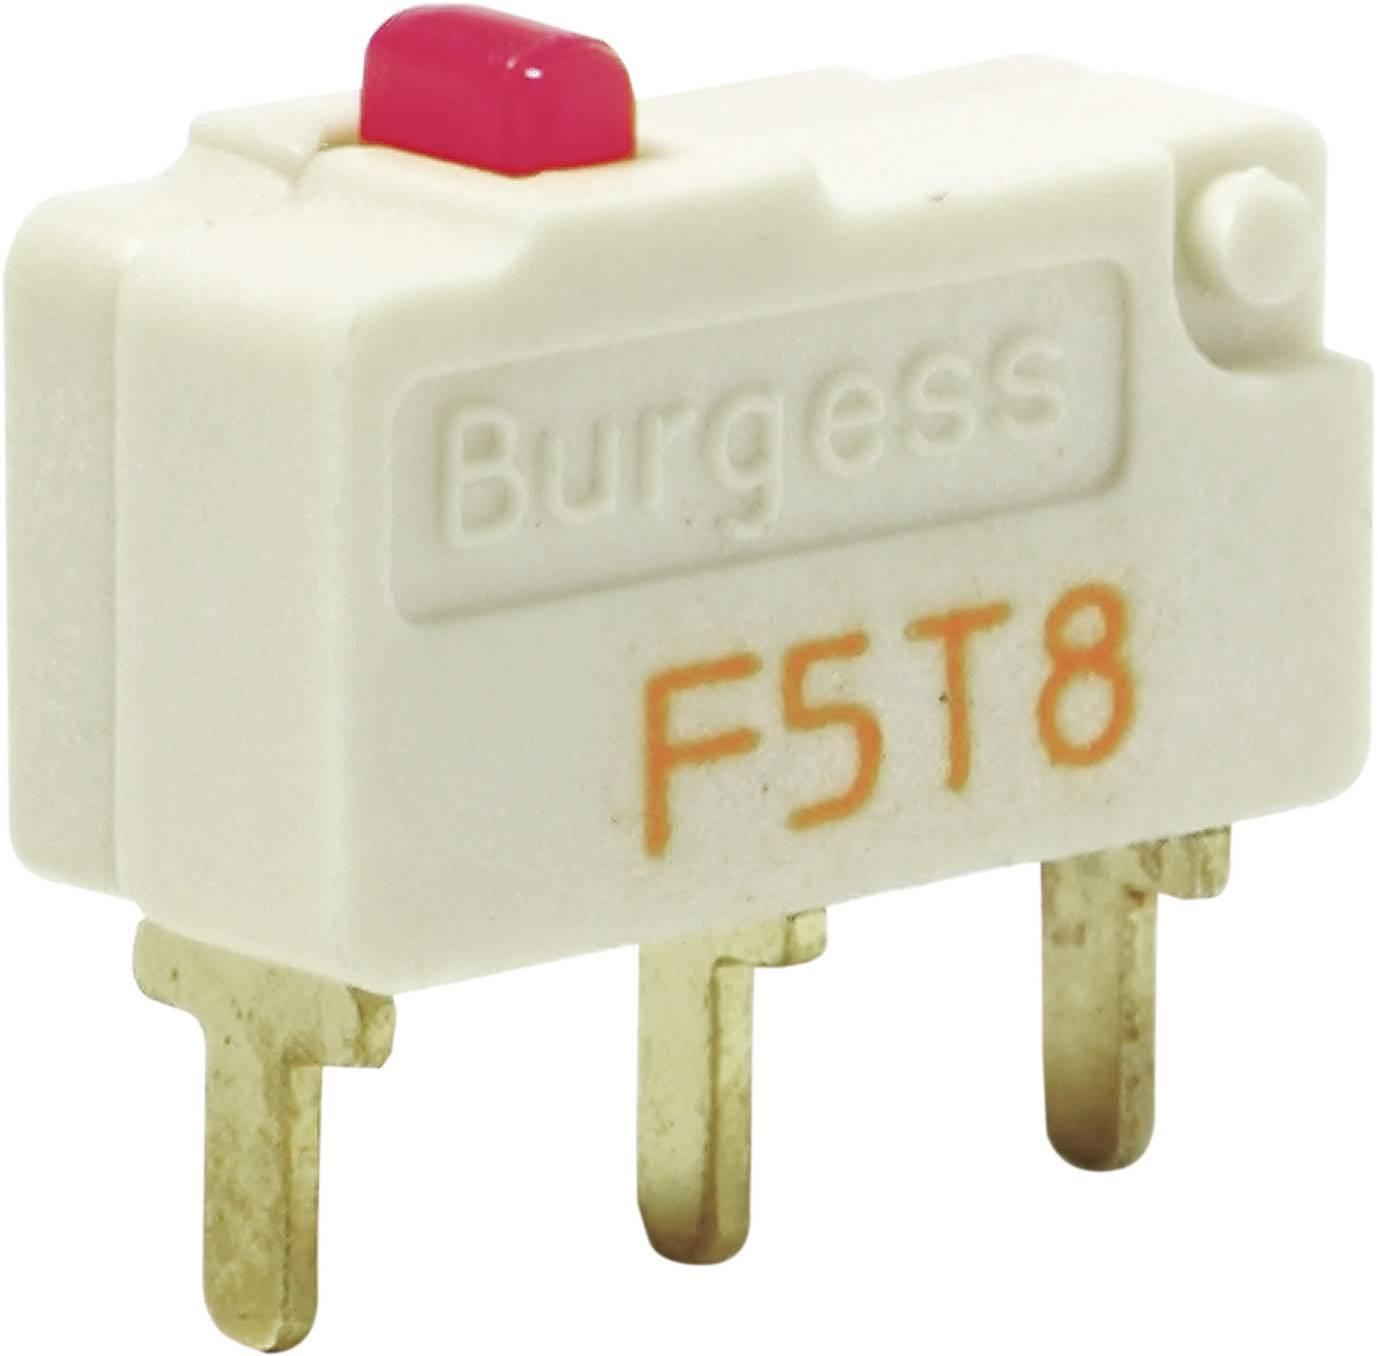 Mikrospínač Burgess série F5 - zdvihátko